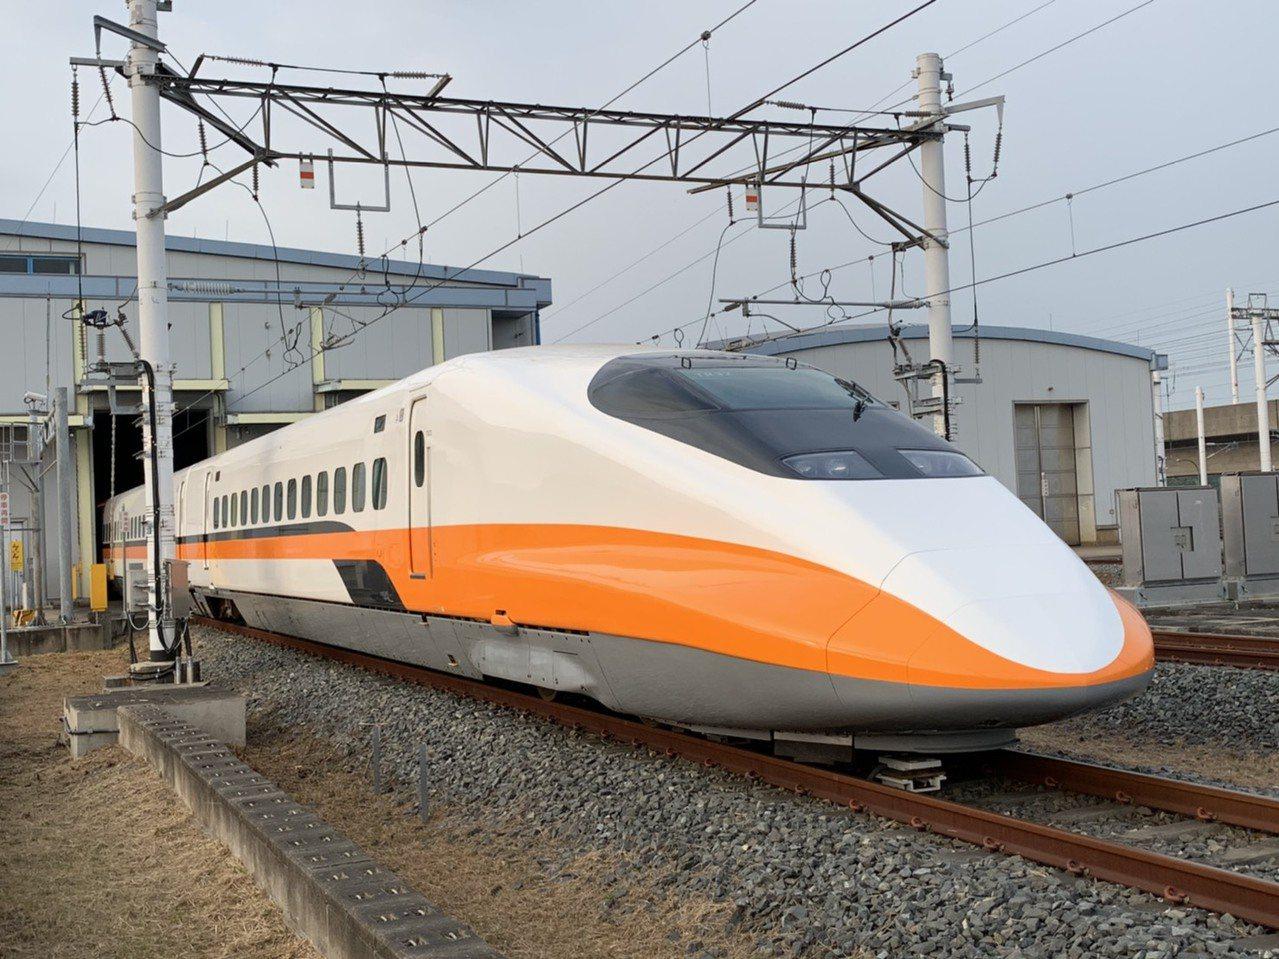 台灣高鐵公司持續透過異業結盟帶動國民旅遊風潮,特別與凱撒飯店連鎖集團攜手推出「搭...